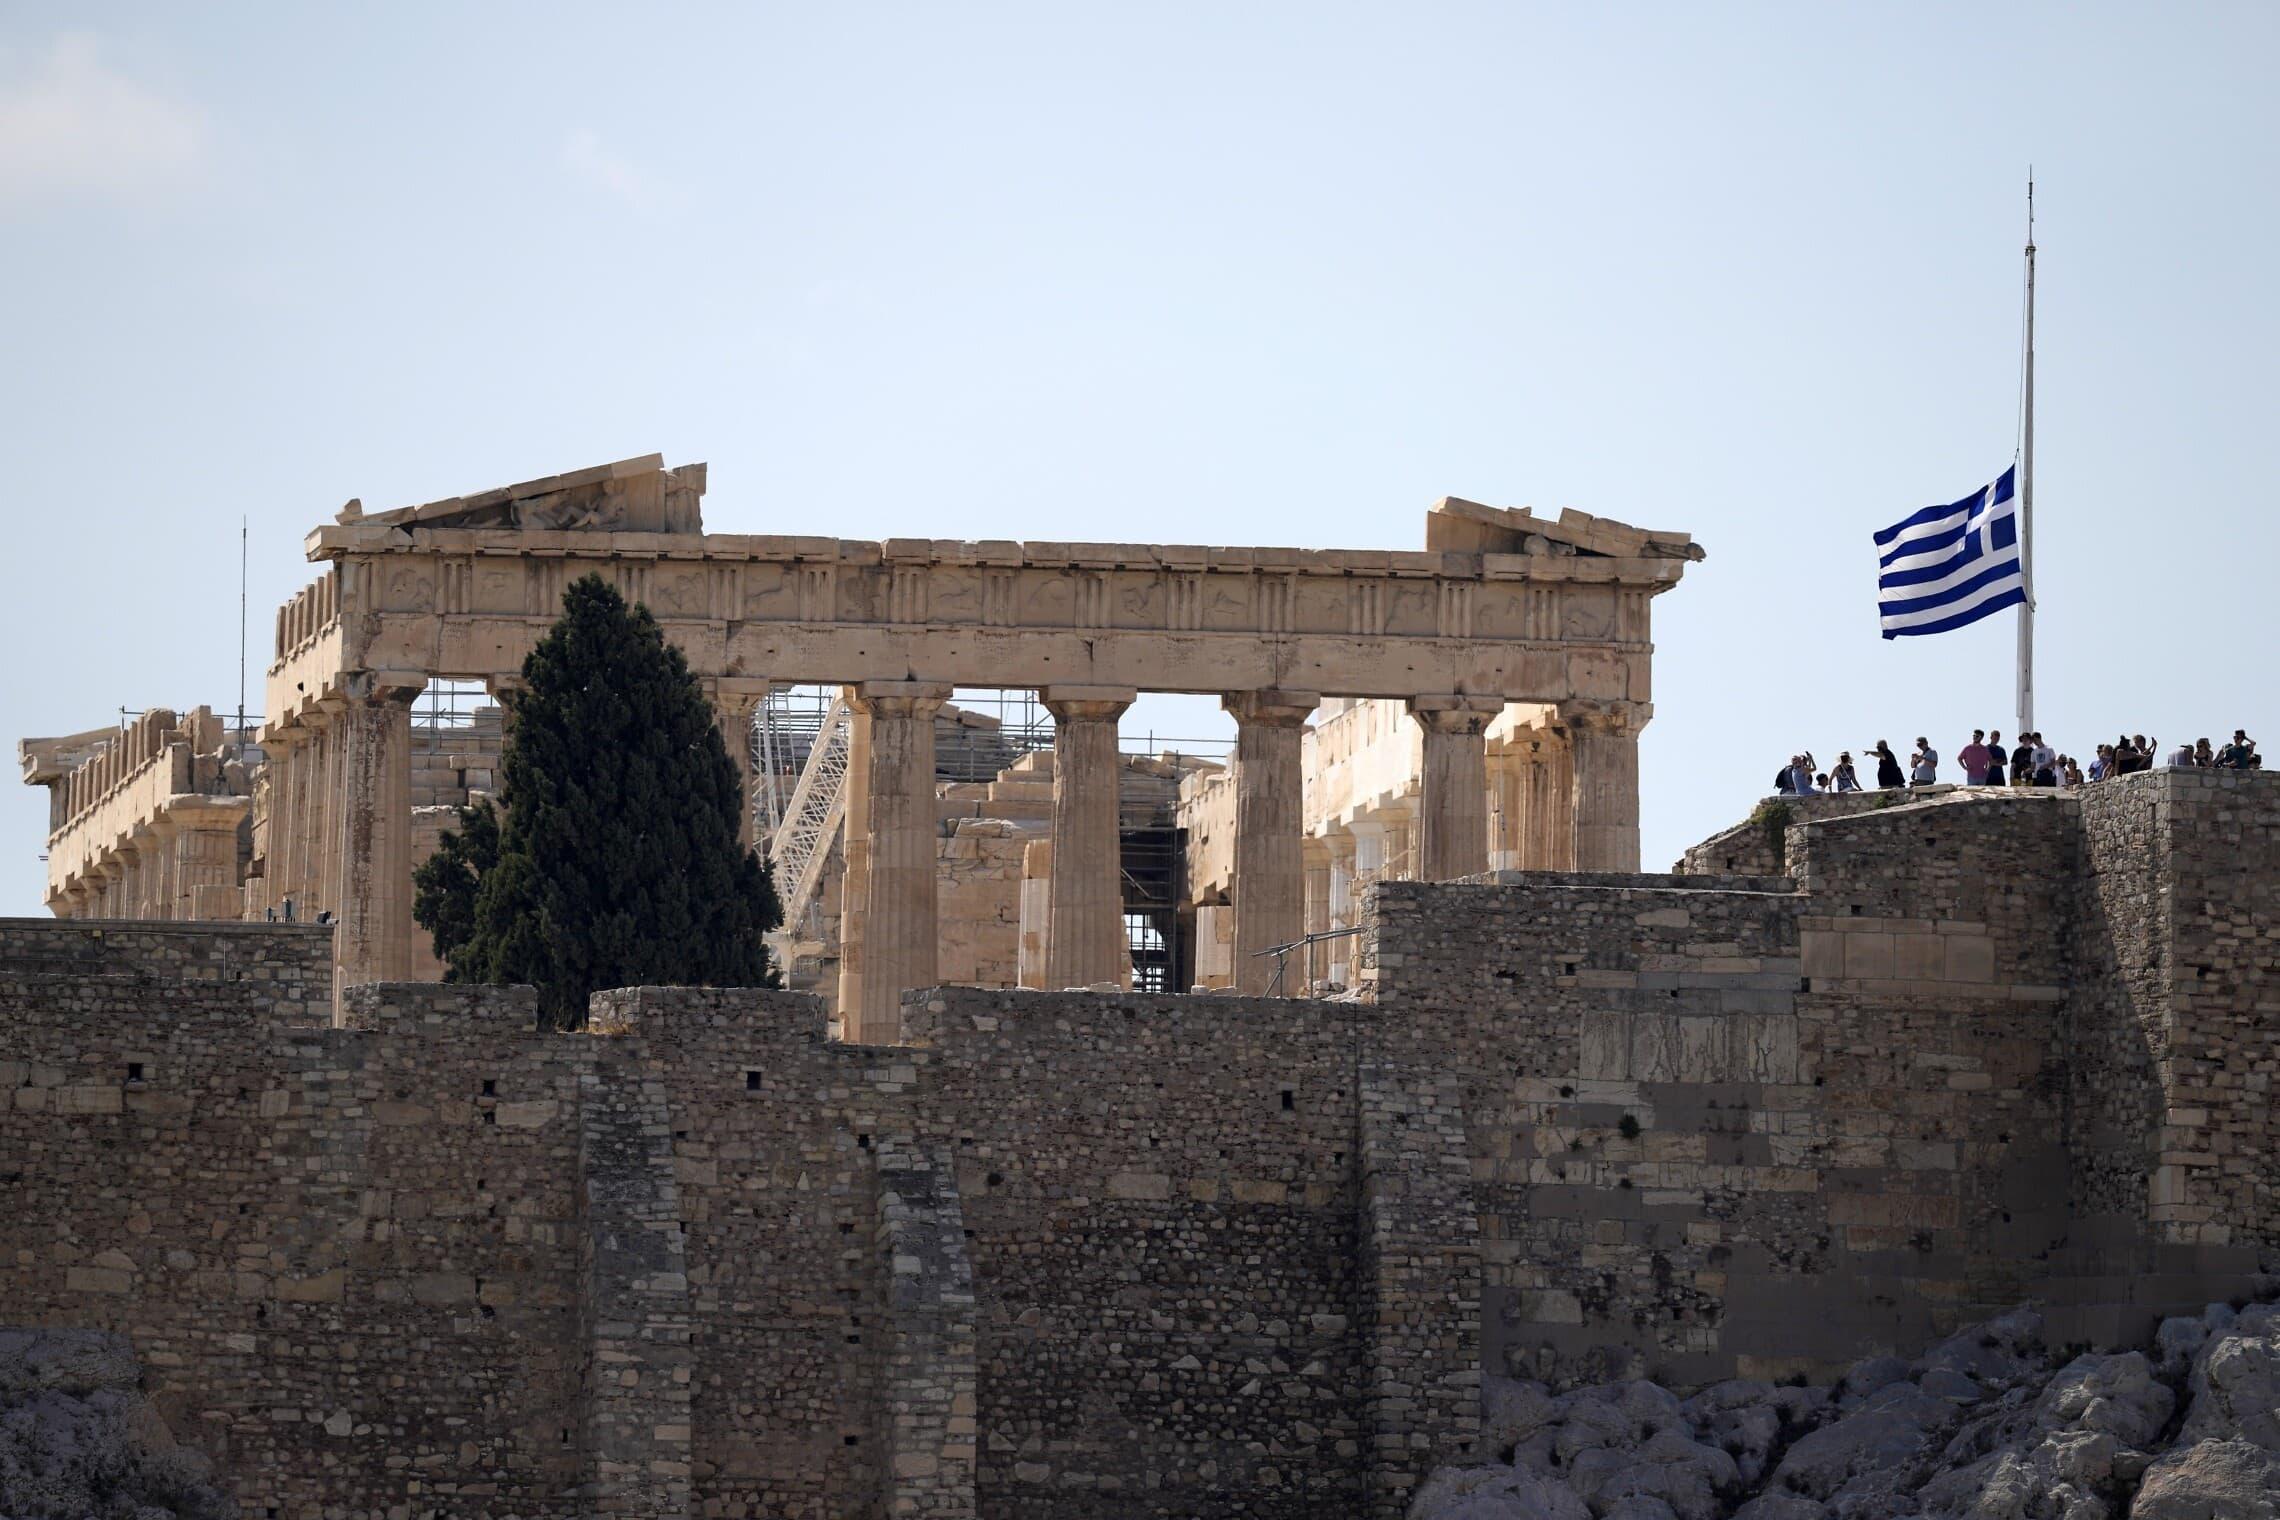 דגל יוון בחתי התורן מול הפרתנון באתונה, לרגל מותו של מיקיס תאודוראקיס, 2 בספטמבר 2021 (צילום: AP Photo/Thanassis Stavrakis)